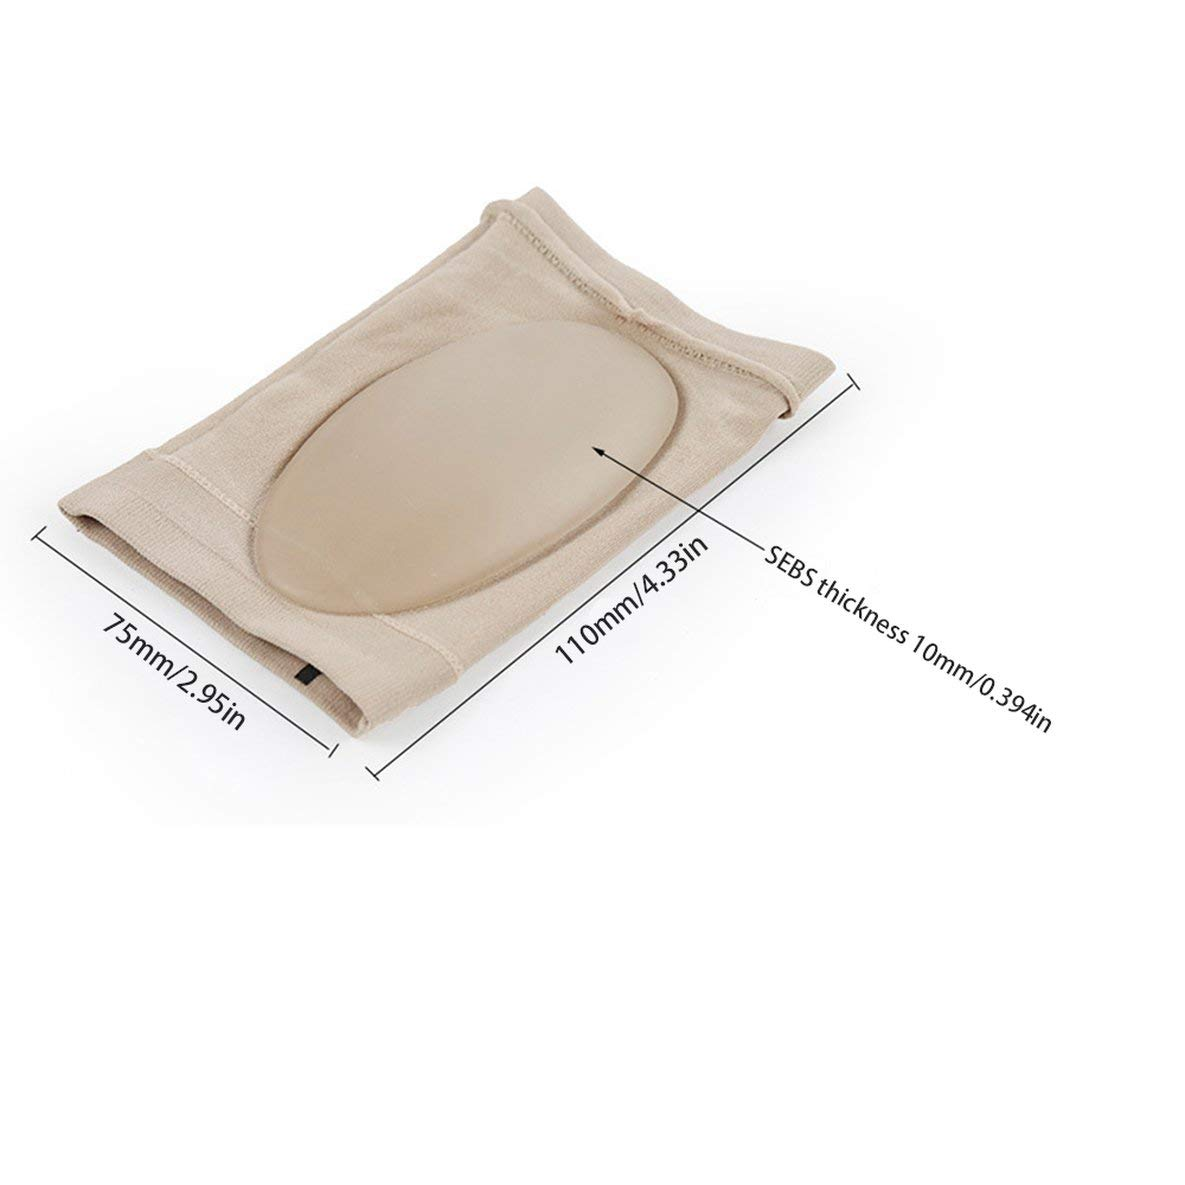 und Plantarfasziitis-Schmerzlinderung f/ür M/änner und Frauen Noradtjcca Arch Support Sleeve Weiche Gel-/Ärmel f/ür Plattfu/ß